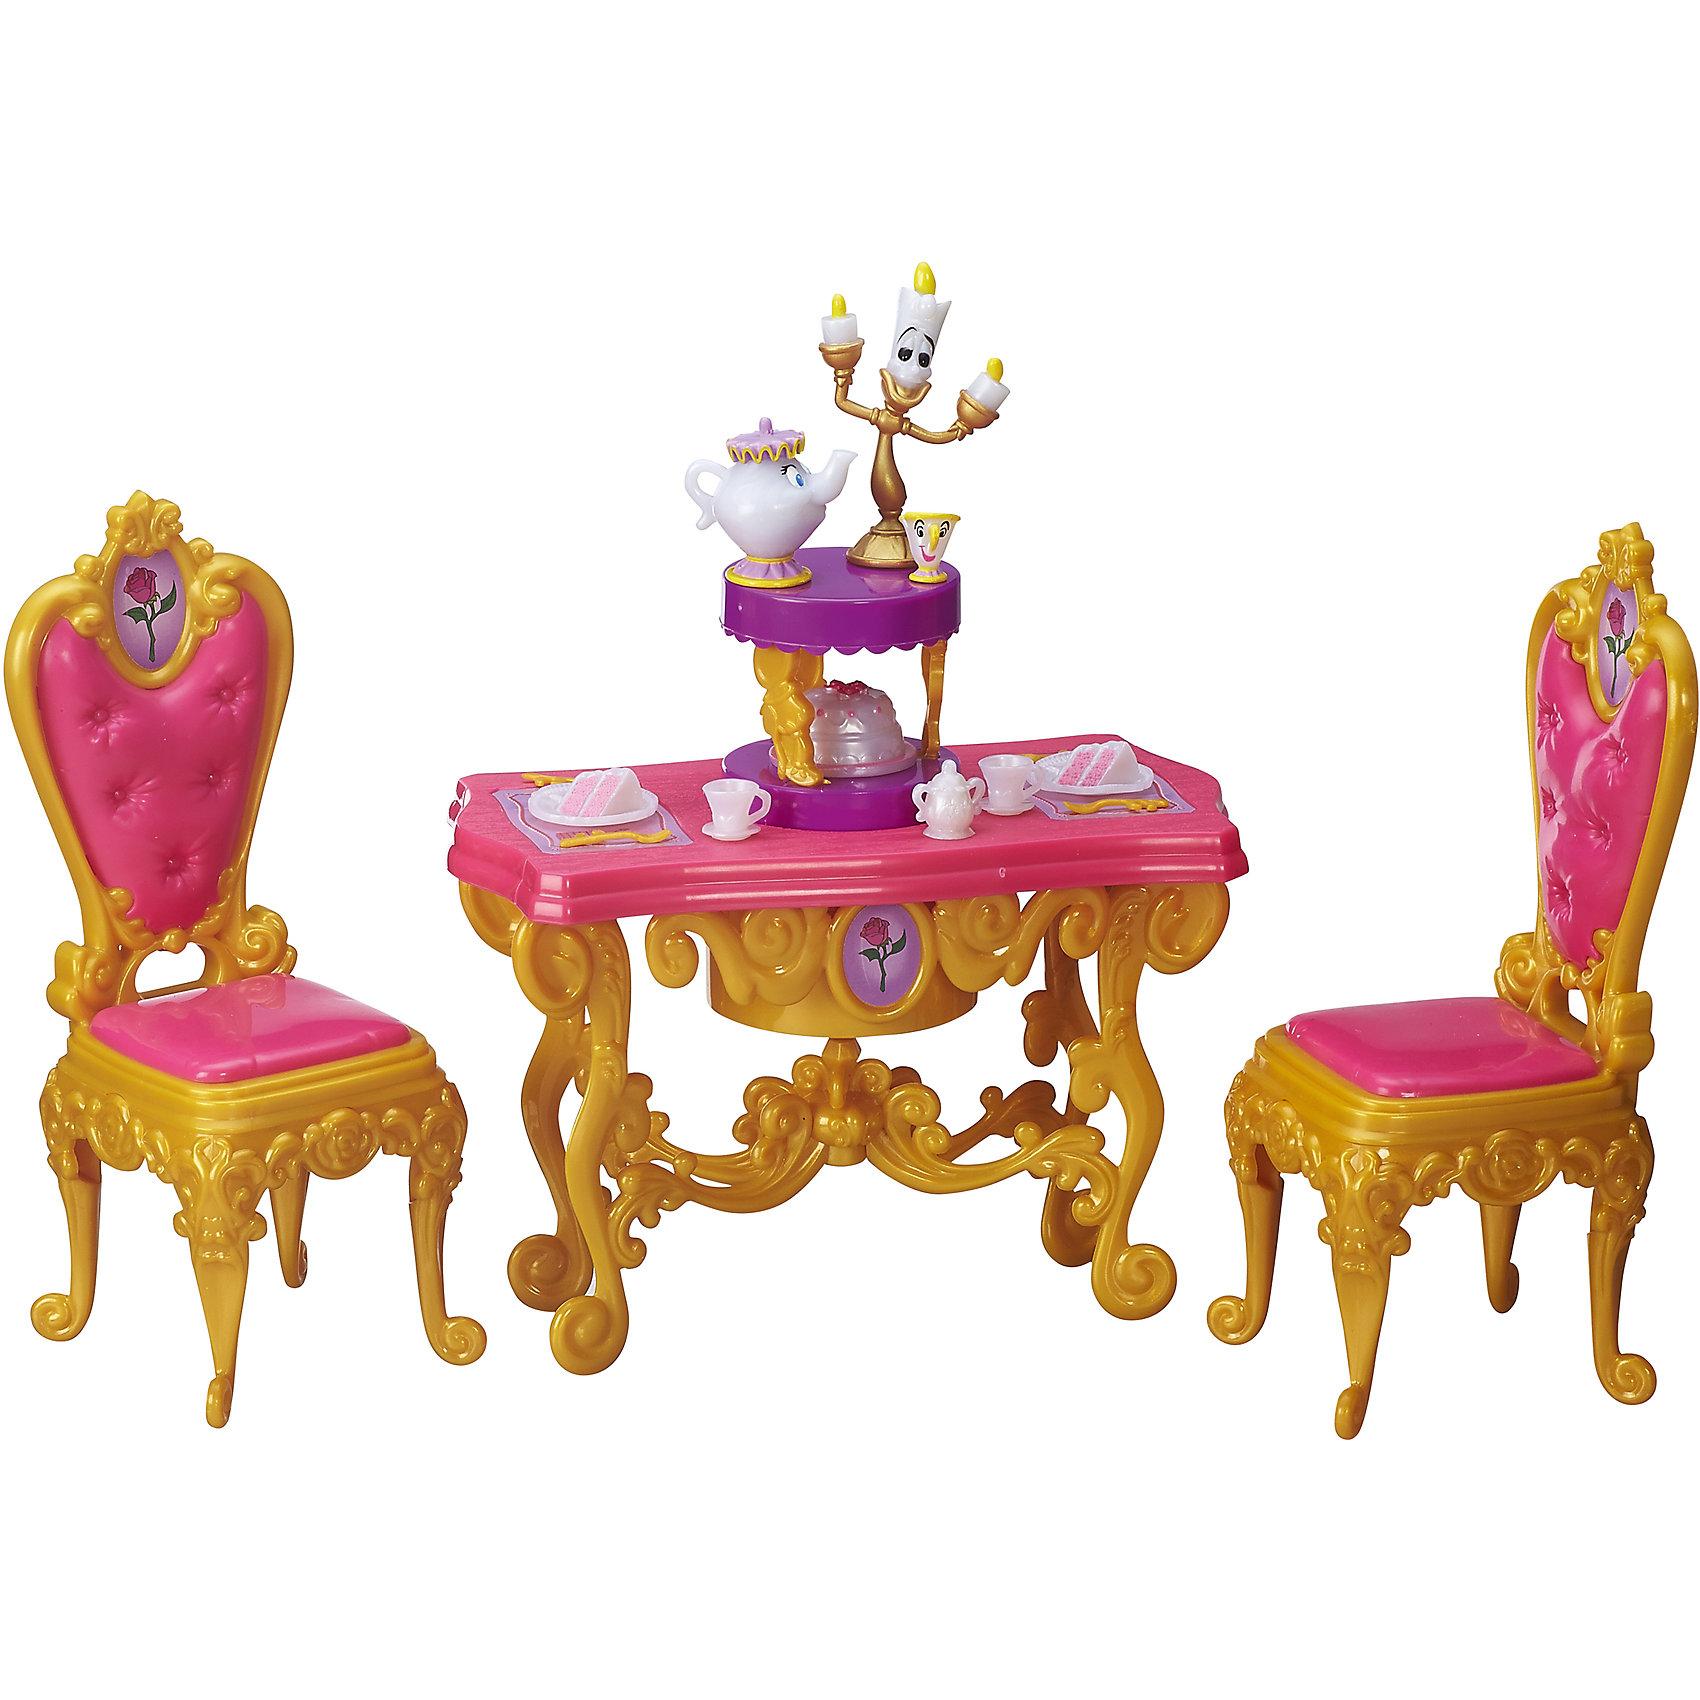 Hasbro Игровой набор для ужина Белль, Принцессы Дисней, B5309/B5310 hasbro play doh игровой набор из 3 цветов цвета в ассортименте с 2 лет